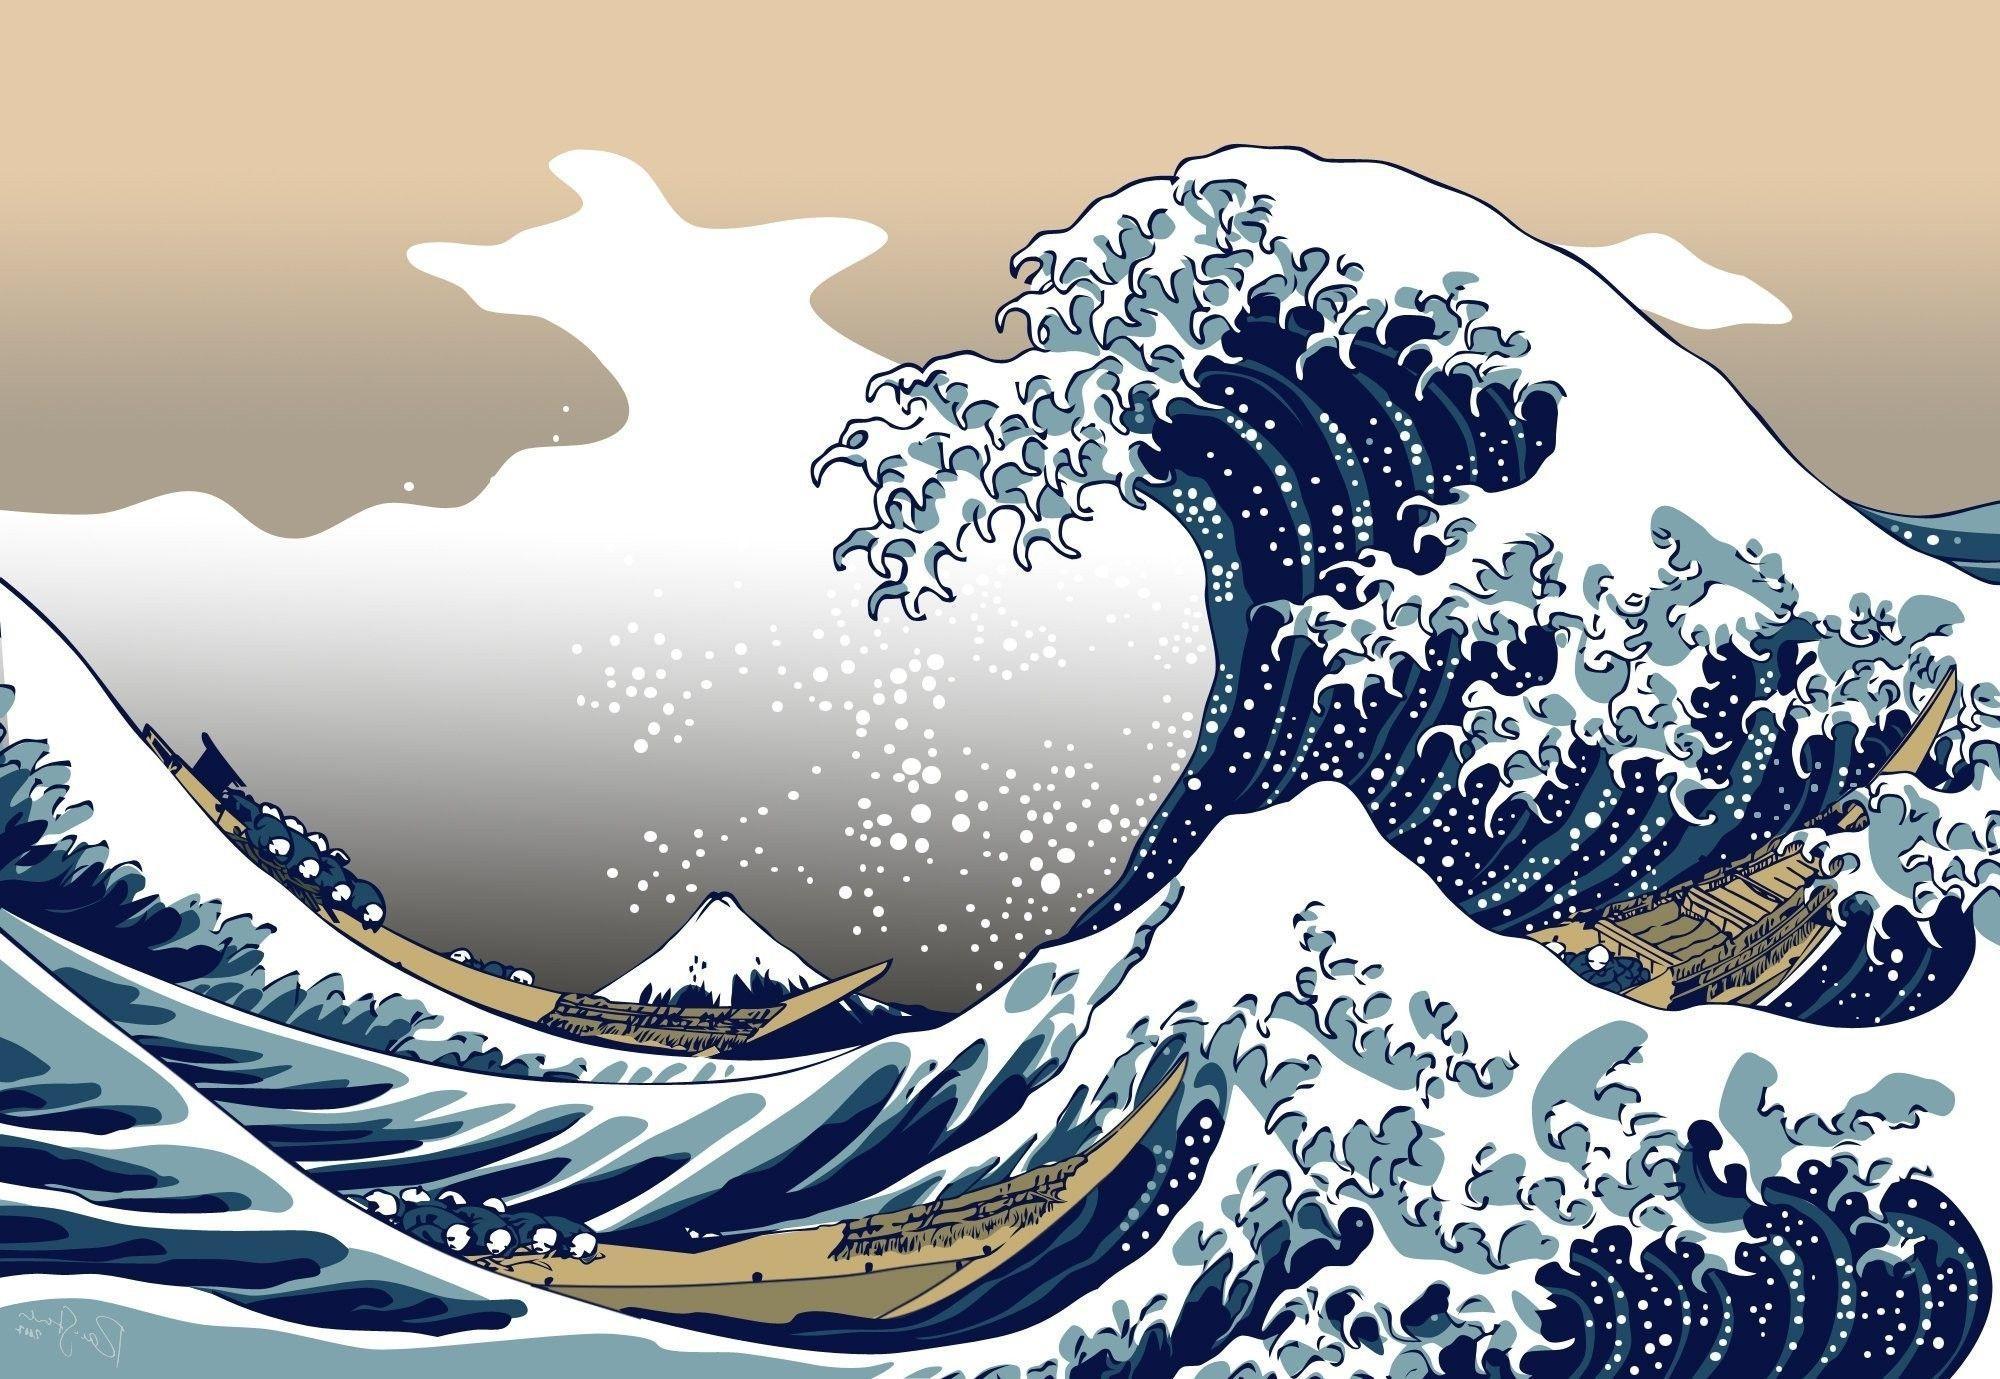 Gyarados And The Wave Of Kanagawa 1680x1050 Japanese Waves Hd